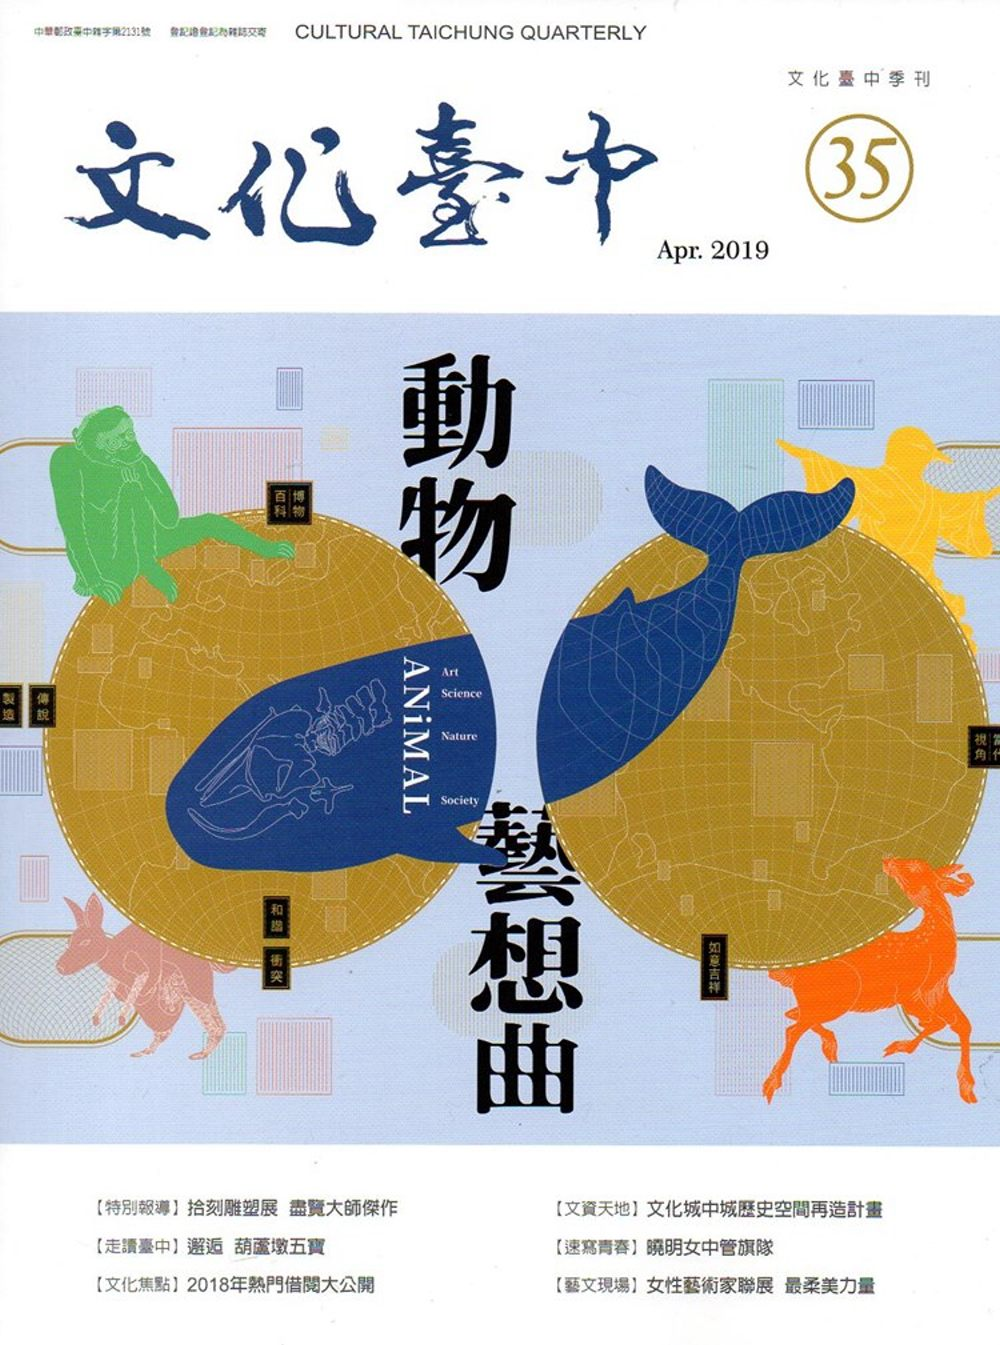 文化臺中季刊35期(2019.04)